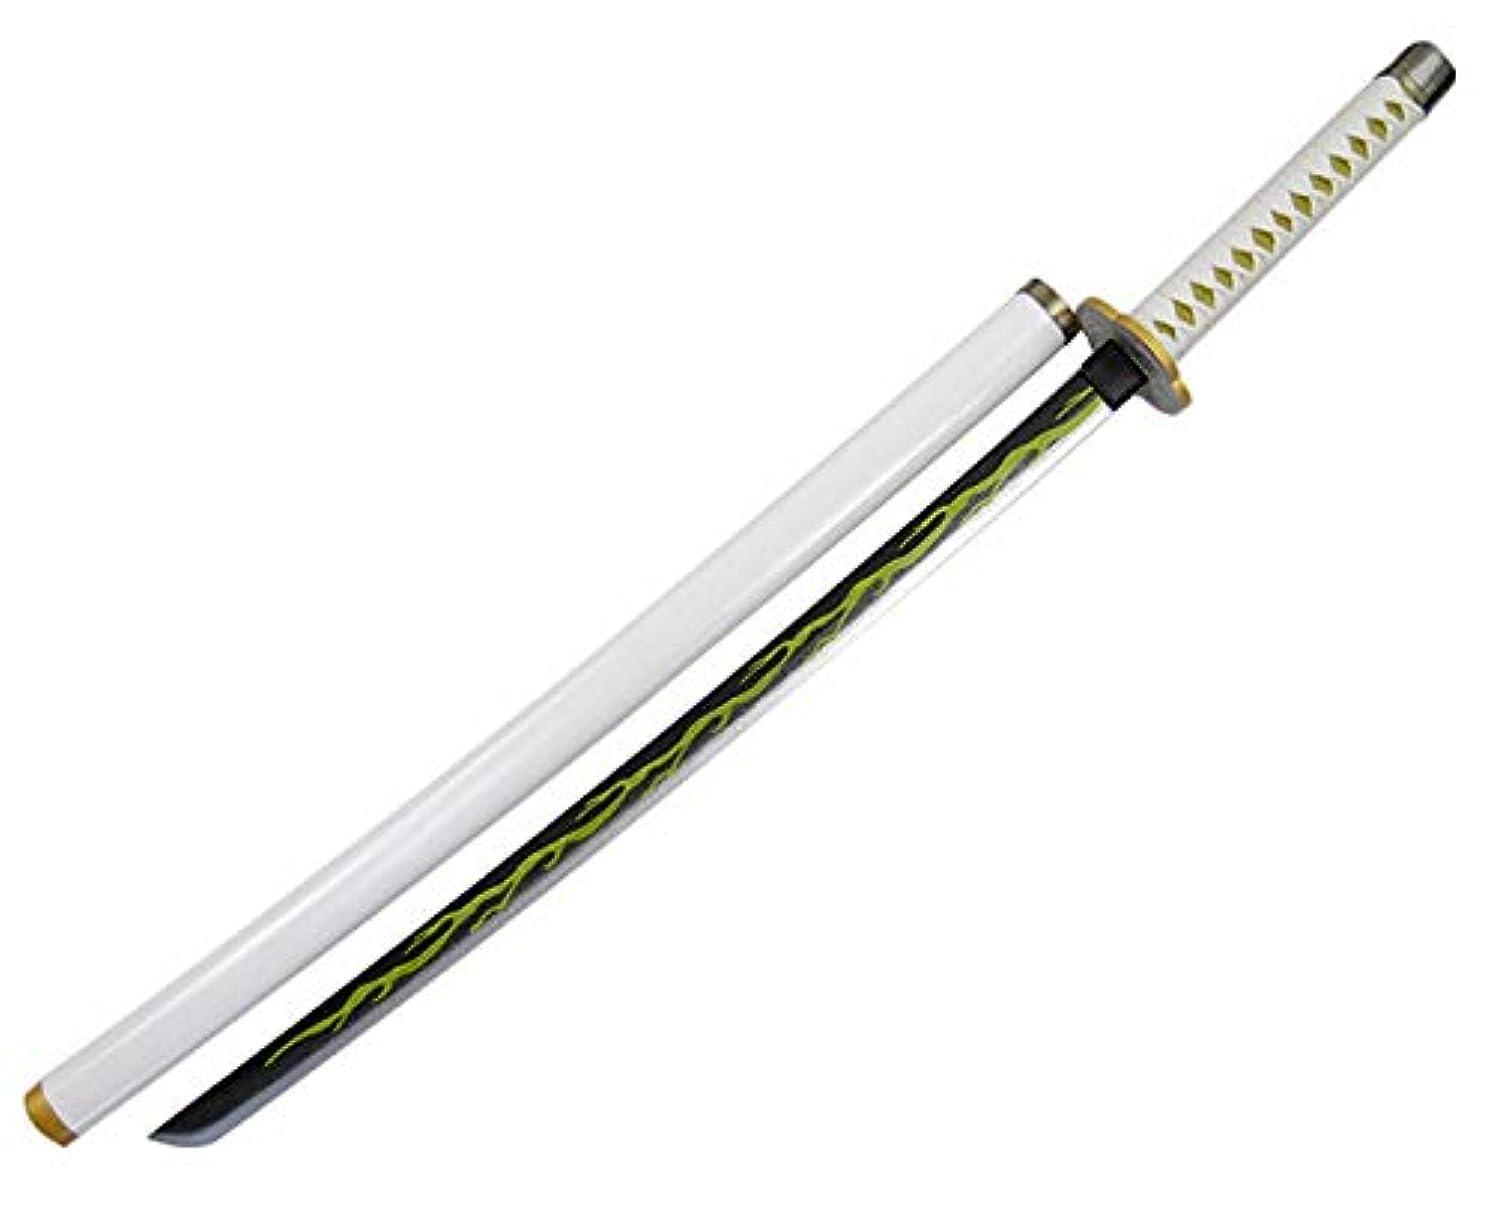 遠い見せますフレッシュ鬼滅の刃 我妻善逸 刀袋付き 木製模造刀 剣 武器 仮装変装用道具 コスプレグッズ (我妻善逸)